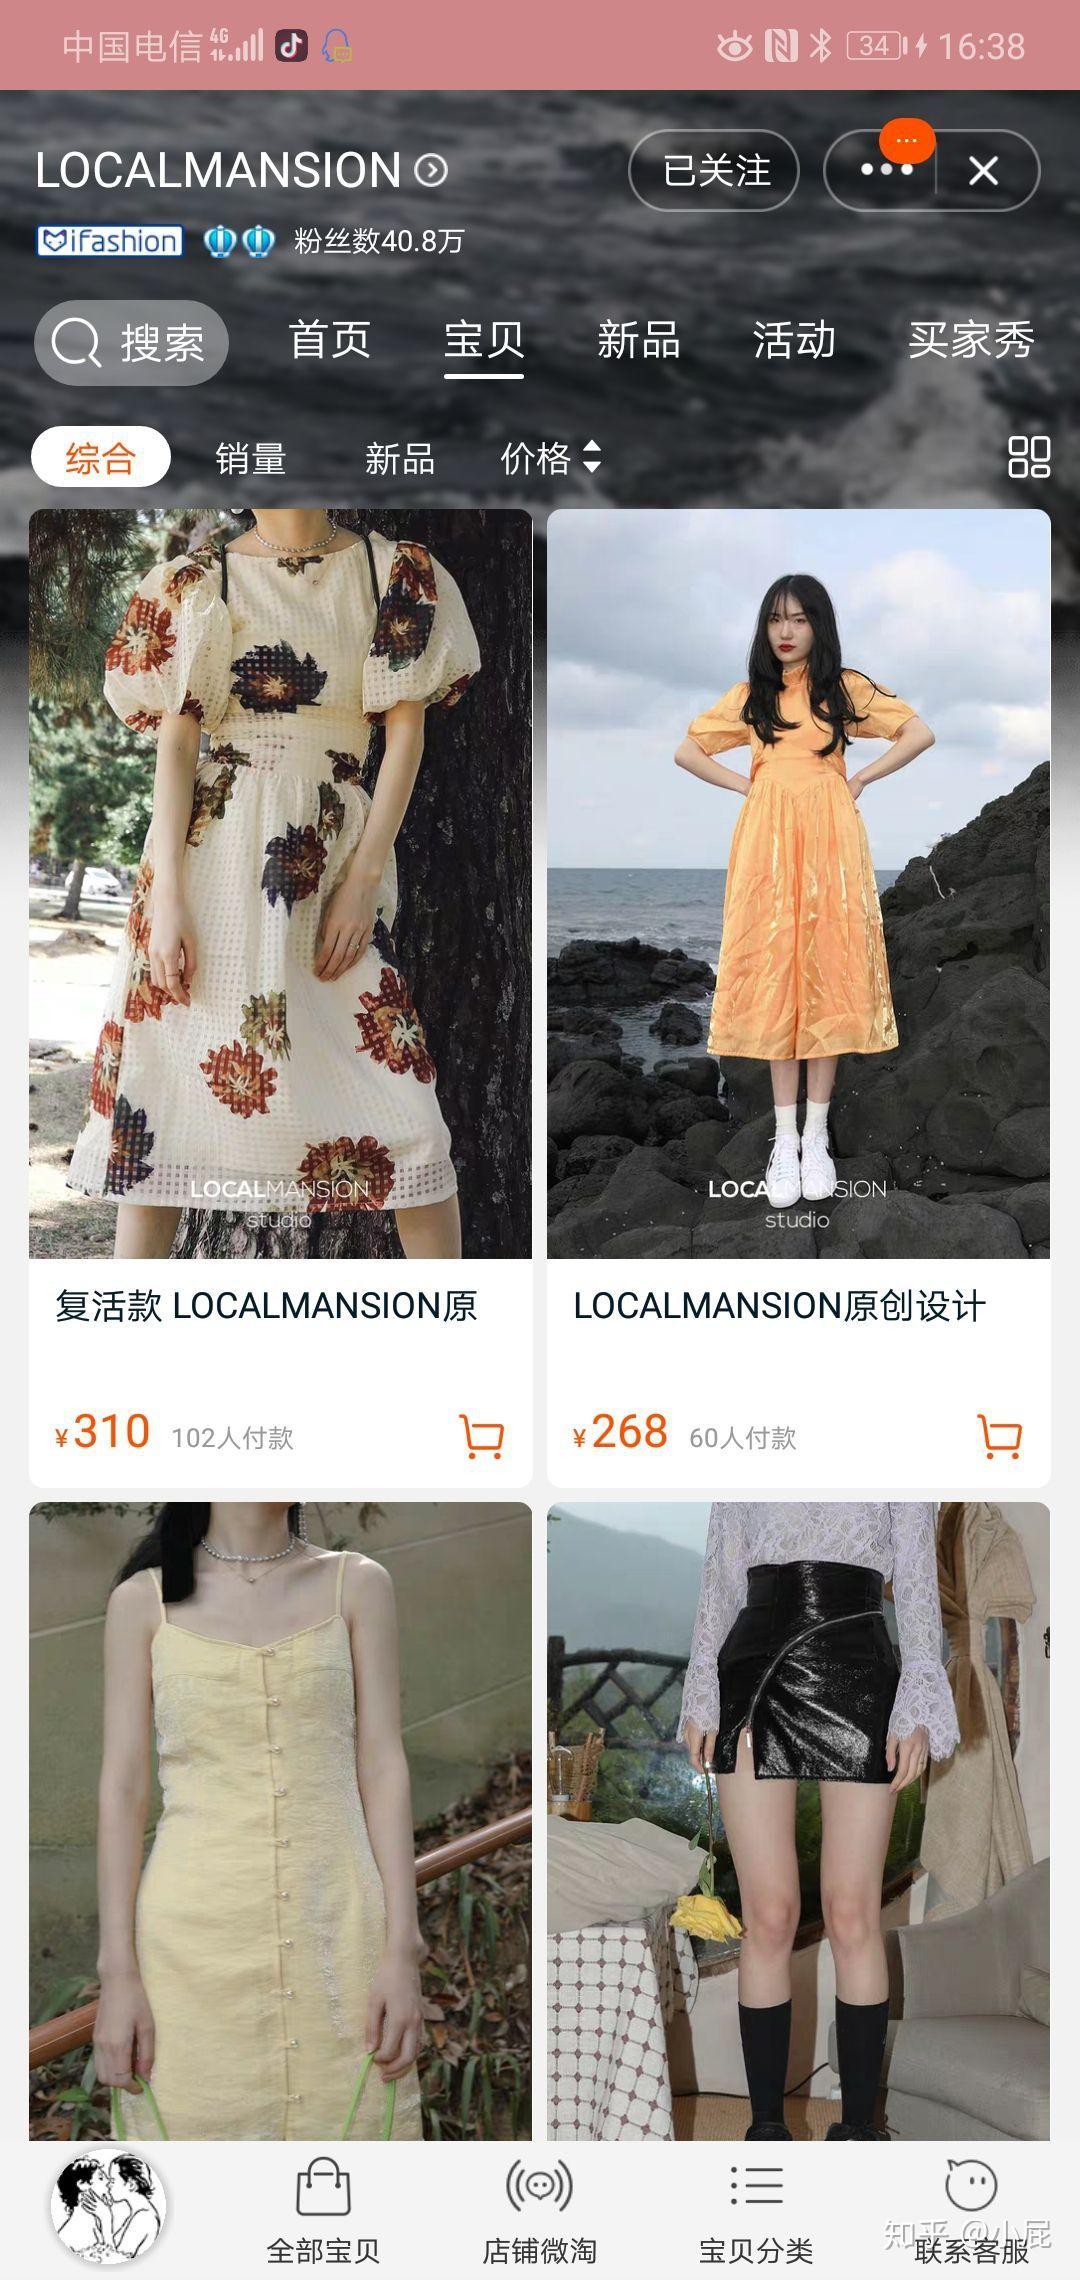 饰品店名字_淘宝上有哪些有设计感还便宜的女装店铺? - 知乎